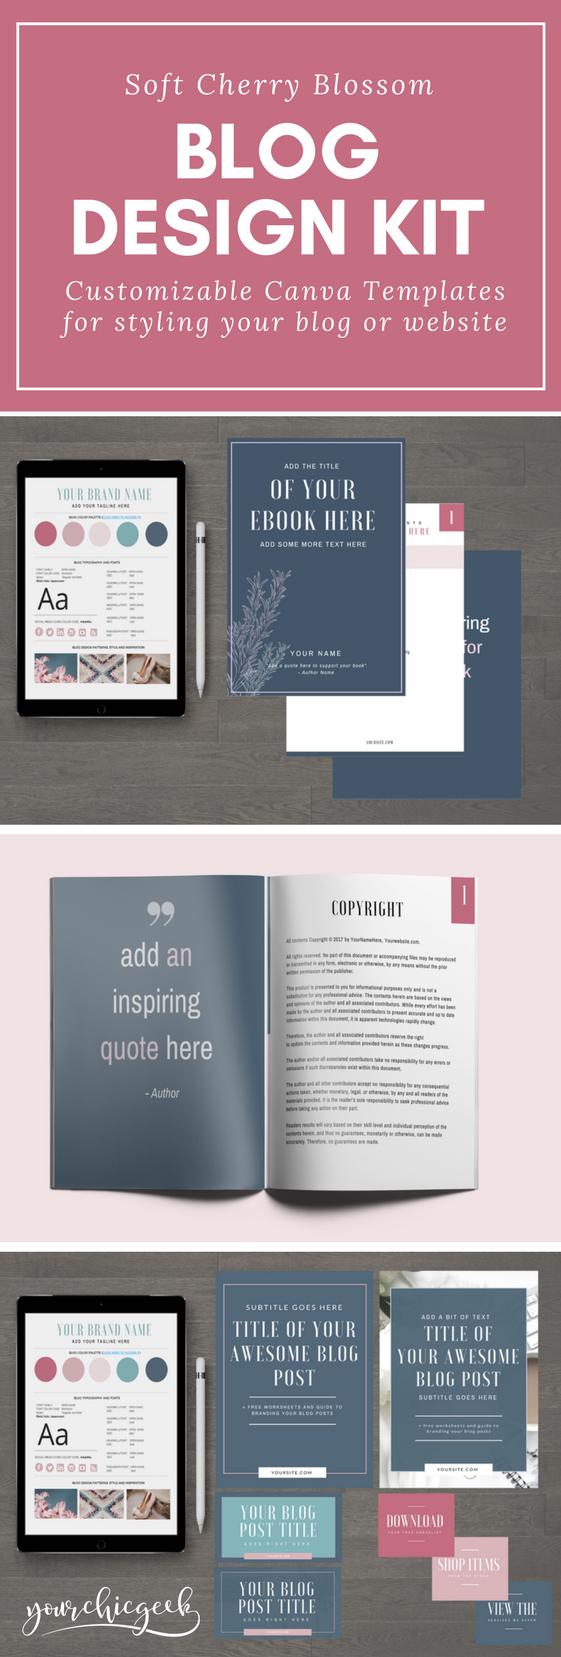 Soft Cherry Blossom Magenta Blog and Website Design Kit